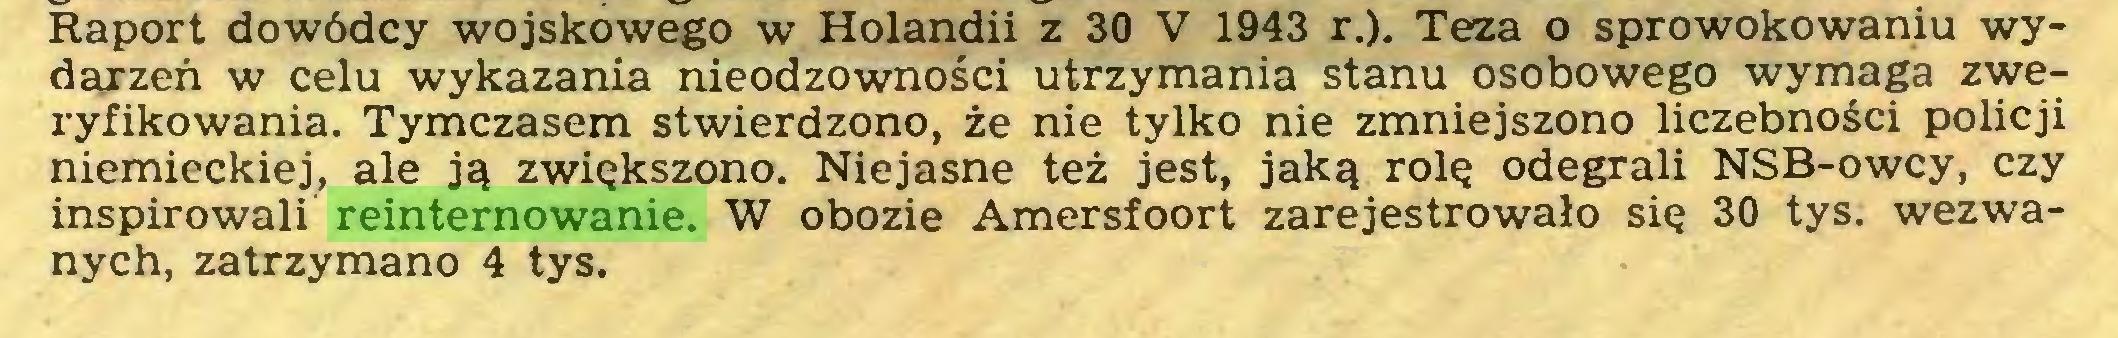 (...) Raport dowódcy wojskowego w Holandii z 30 V 1943 r.). Teza o sprowokowaniu wydarzeń w celu wykazania nieodzowności utrzymania stanu osobowego wymaga zweryfikowania. Tymczasem stwierdzono, że nie tylko nie zmniejszono liczebności policji niemieckiej, ale ją zwiększono. Niejasne też jest, jaką rolę odegrali NSB-owcy, czy inspirowali reinternowanie. W obozie Amersfoort zarejestrowało się 30 tys. wezwanych, zatrzymano 4 tys...